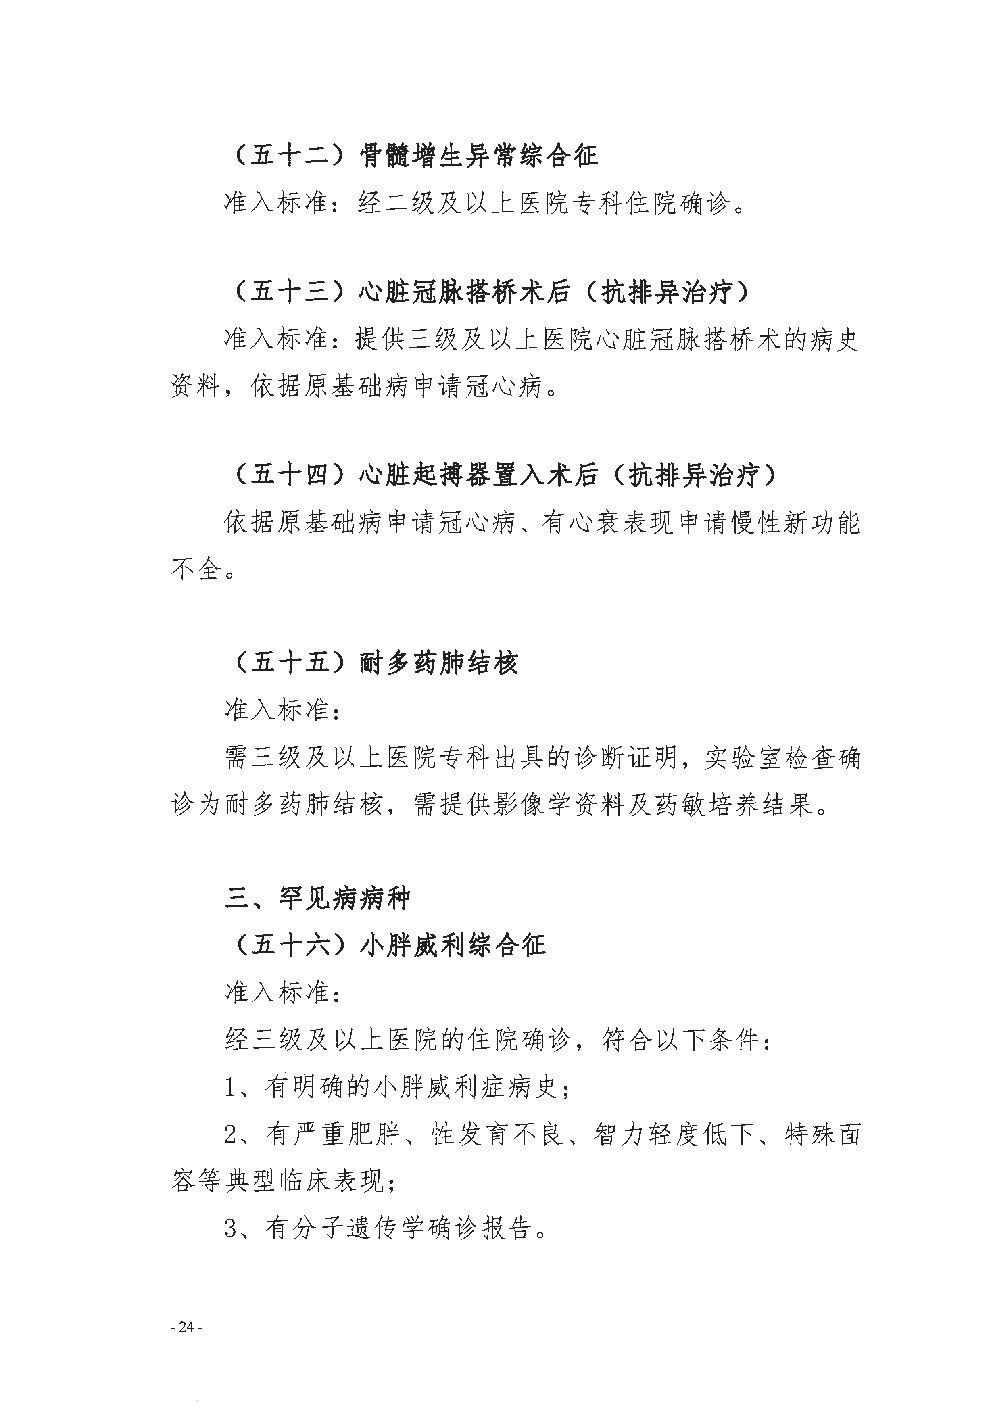 阜阳市城乡居民慢性病管理办法(1)_24.JPG